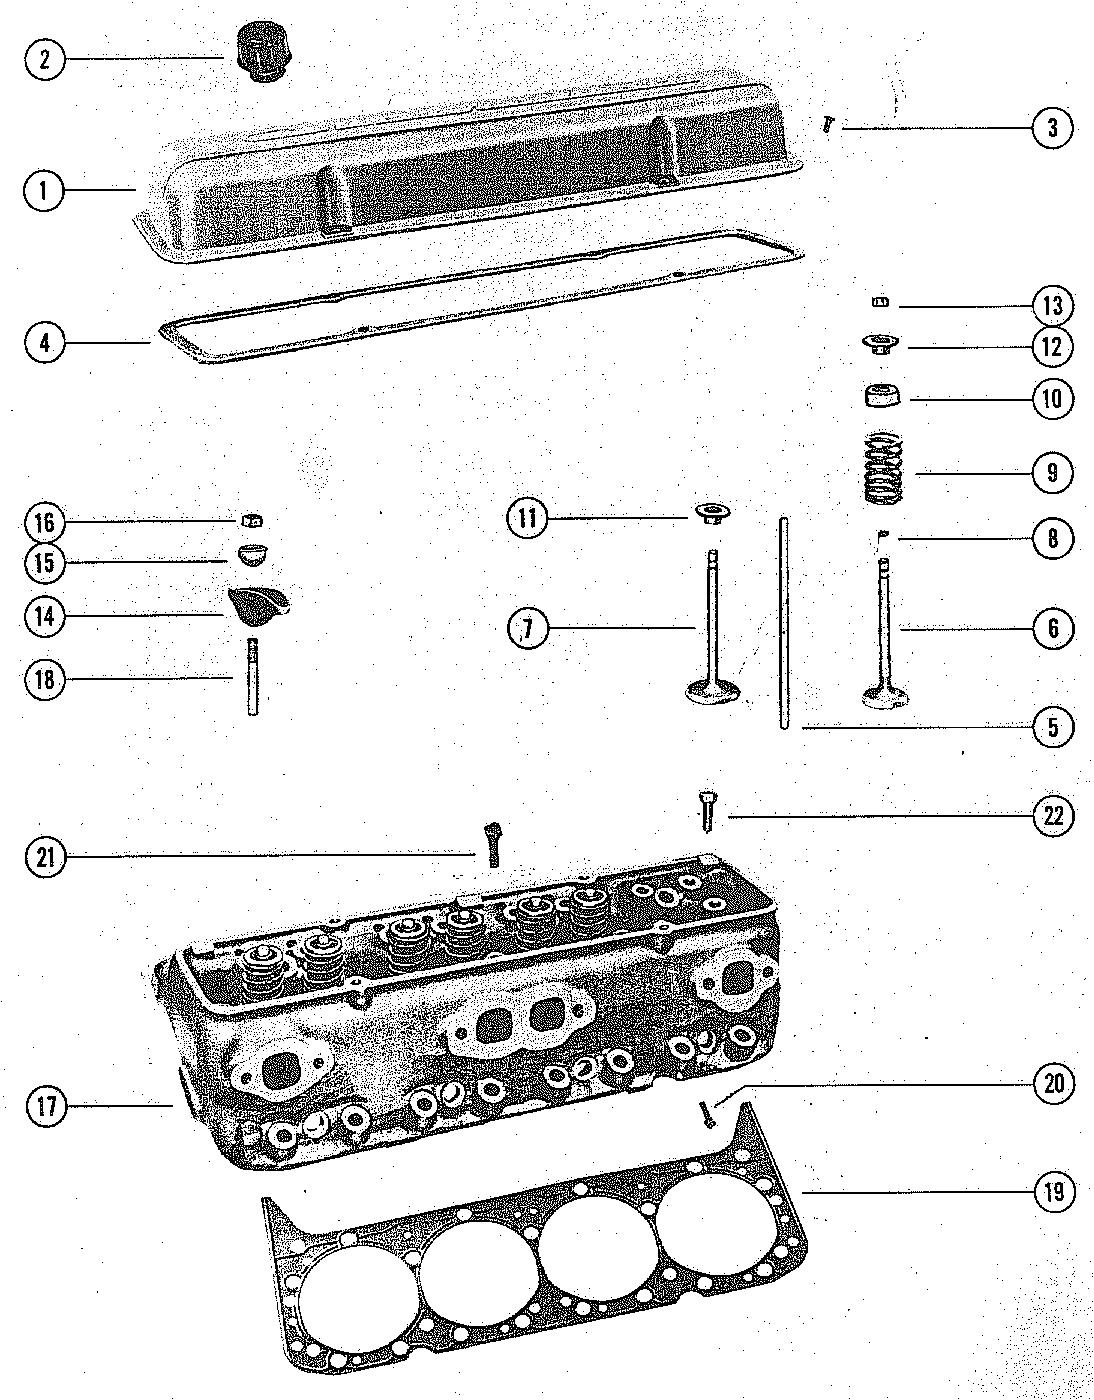 Mercruiser 280 Trs Gm 350 V 8